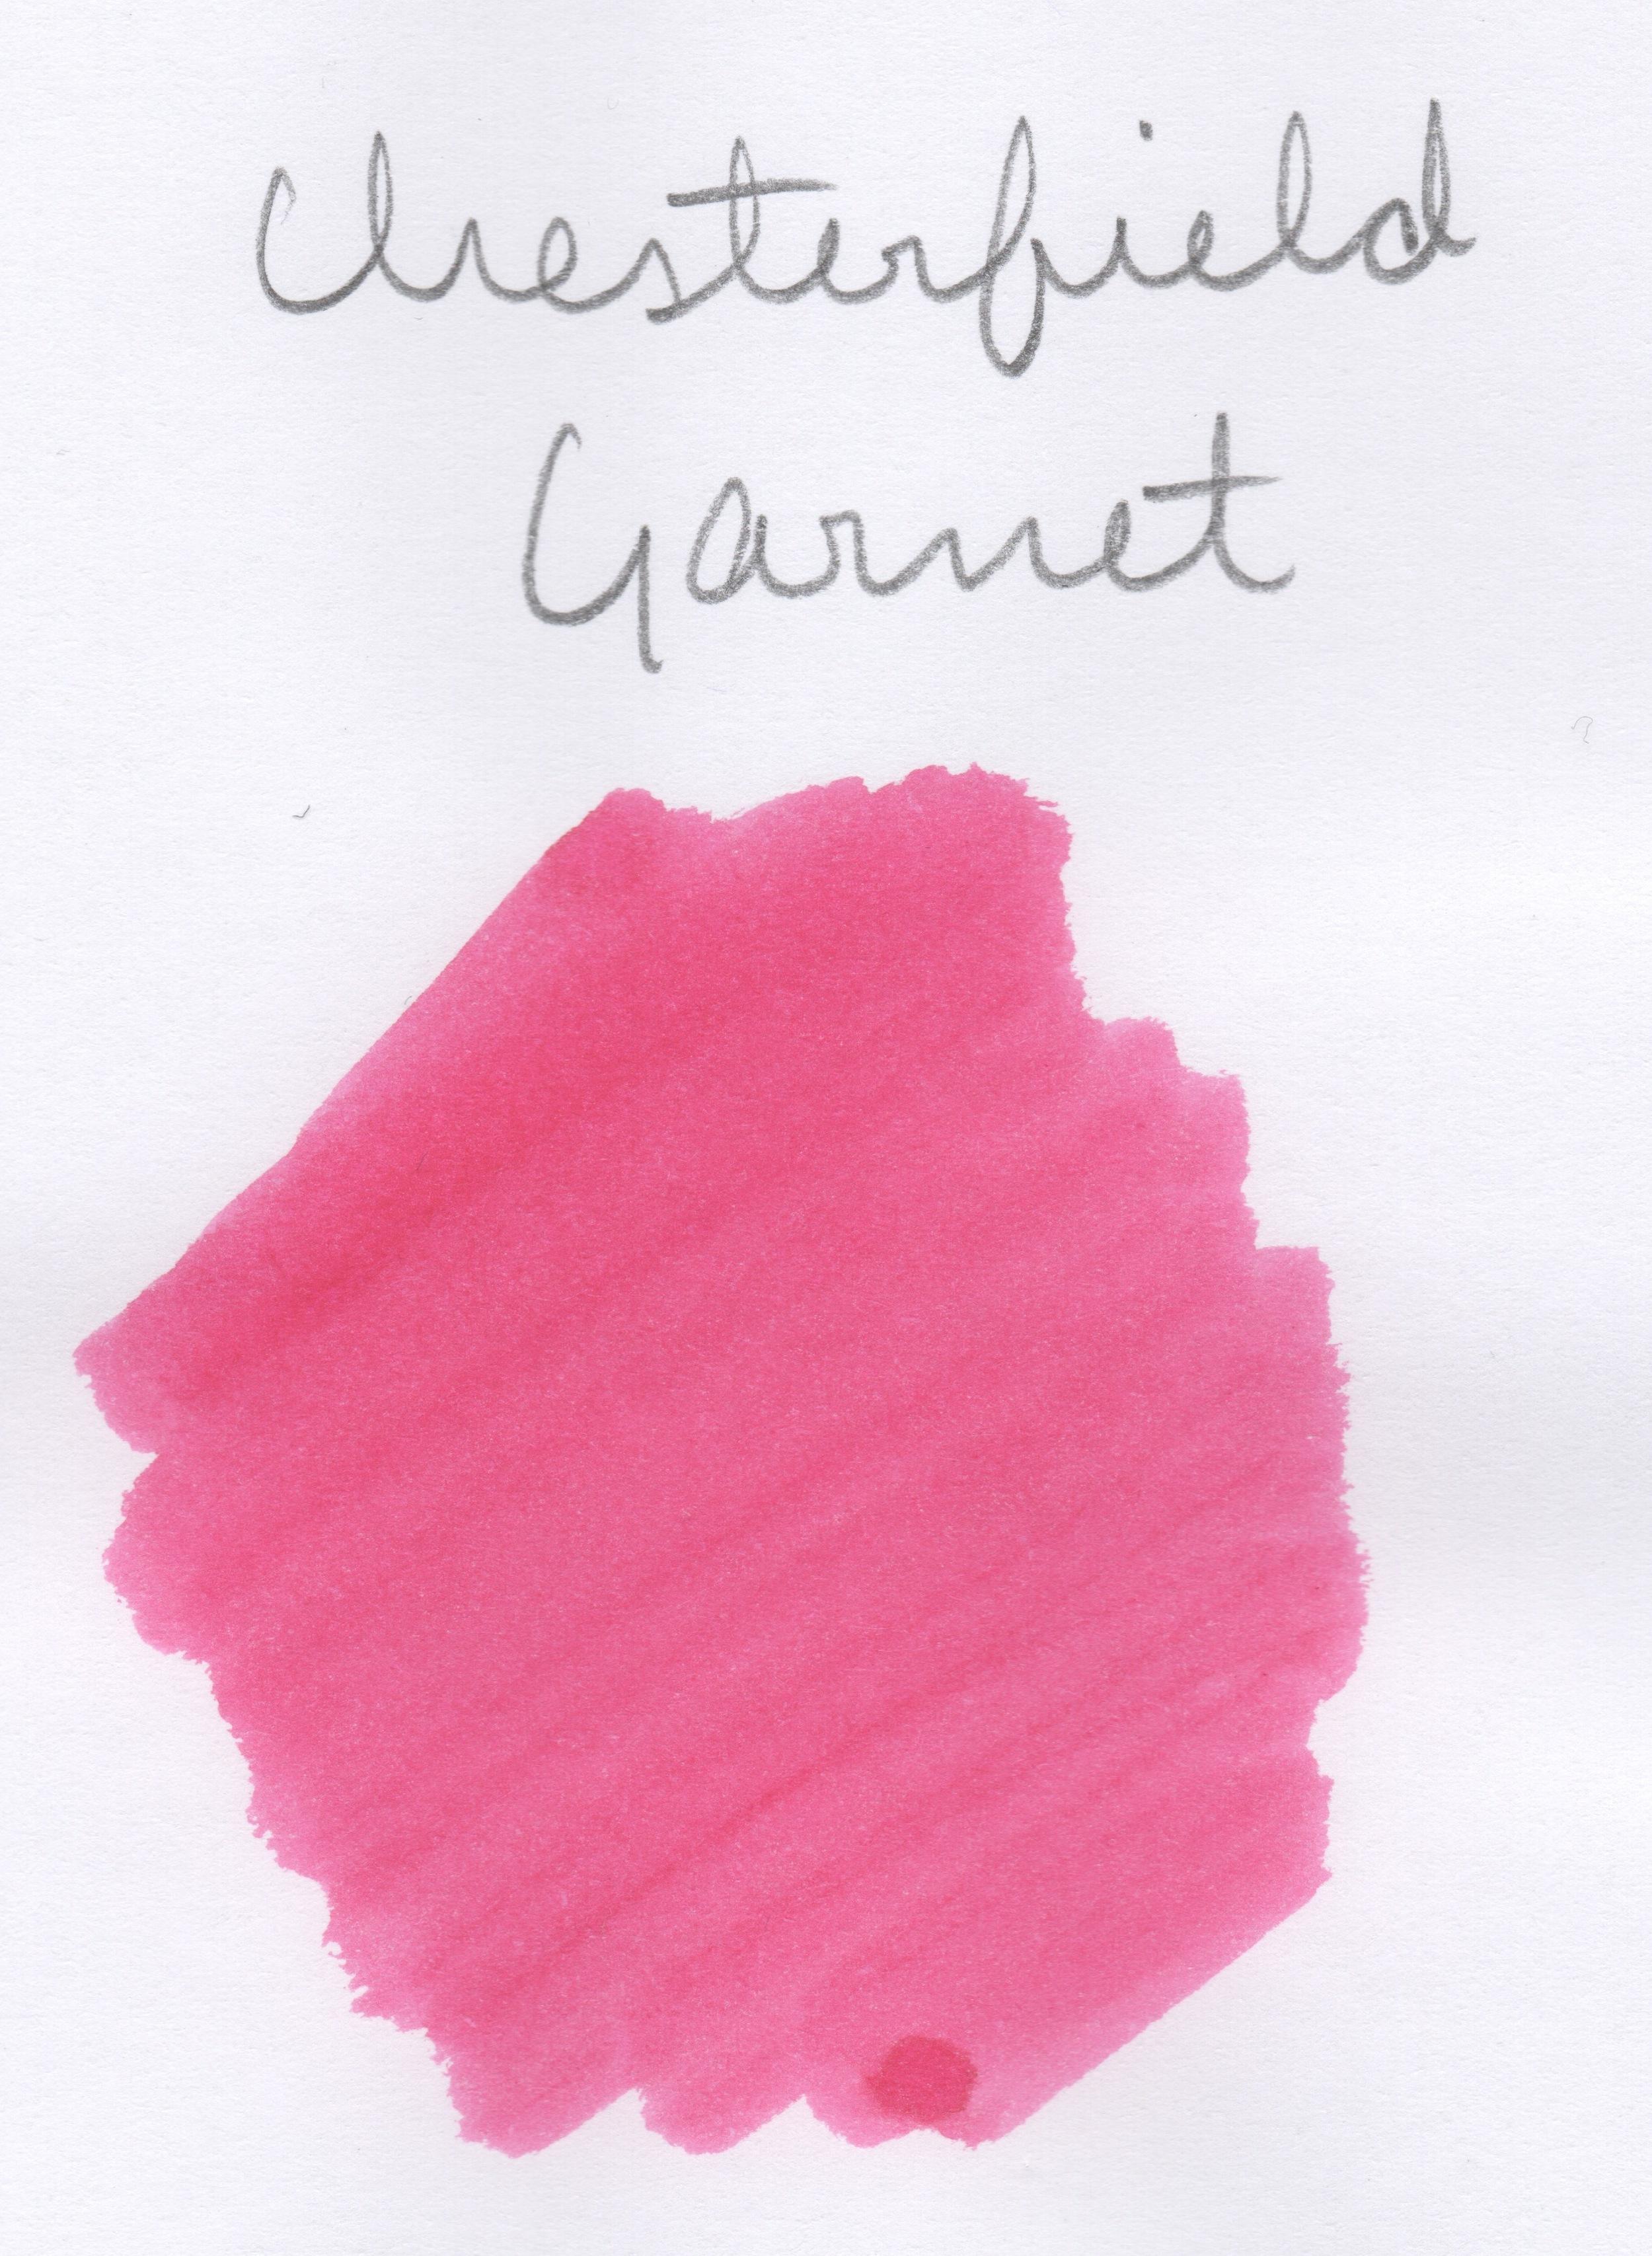 Chesterfield Garnet.jpeg